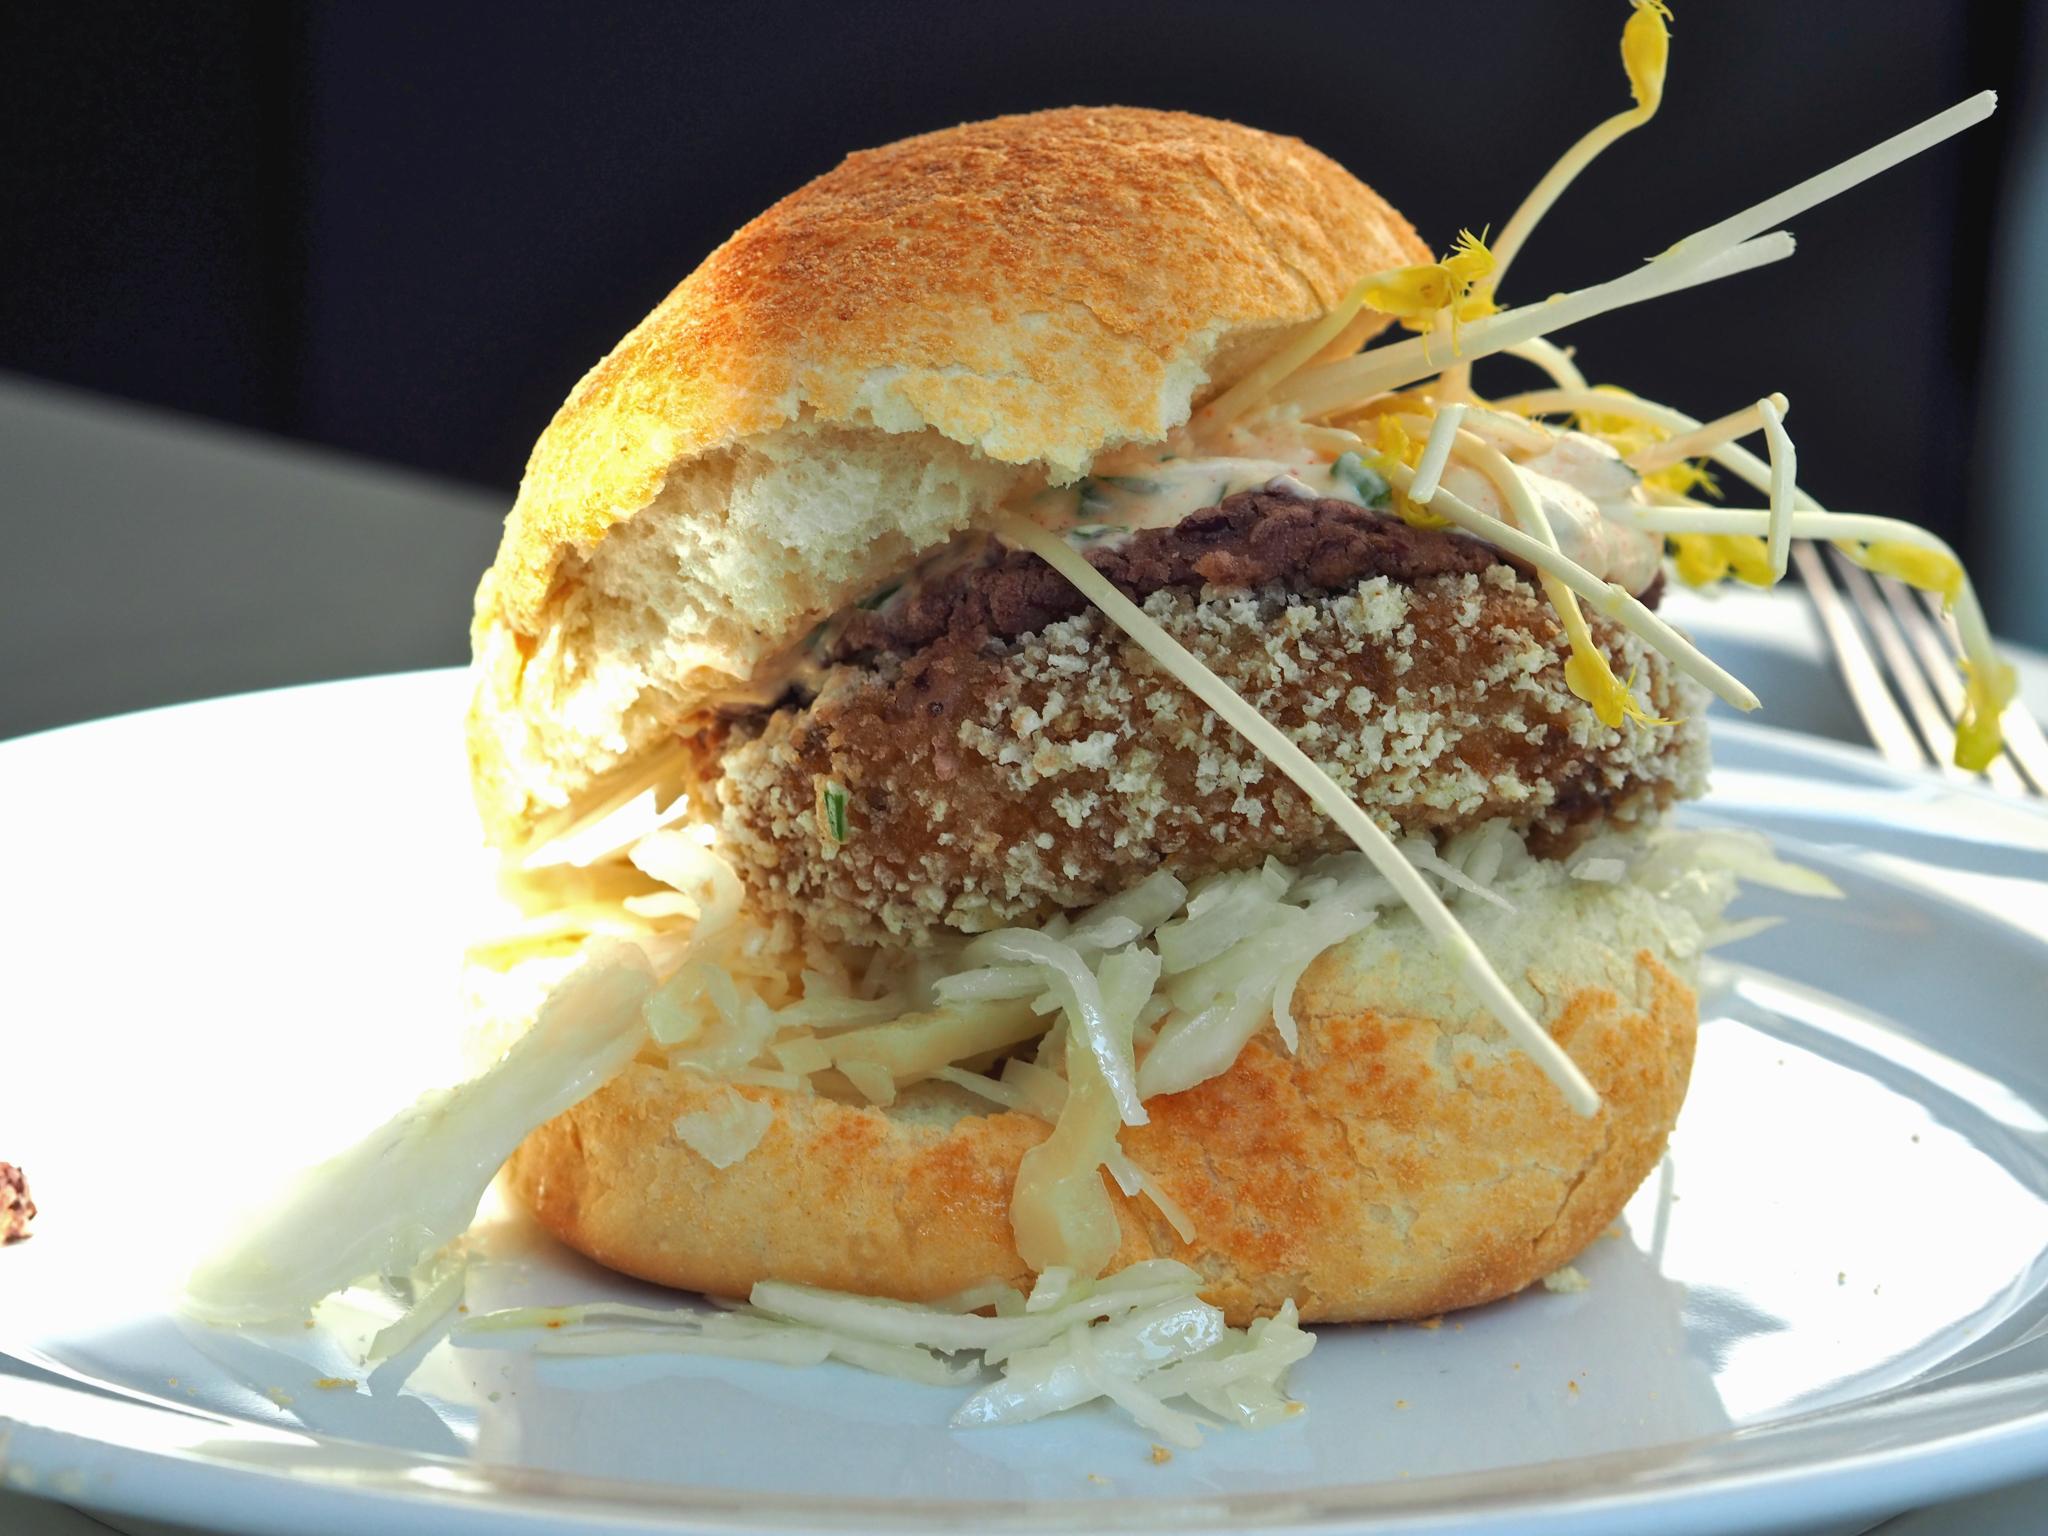 Zwischen zwei hellen, knusprigen Brötchenhälften sind Krautsalat, eine vegetarische Bulette, Rotkrautdip, Knoblauchsoße und Sprossen übereinander gestapelt. Der vegetarische Burger liegt auf einem Teller und wird von links von Sonnenlicht beschienen. Im Hintergrund liegt eine Gabel.